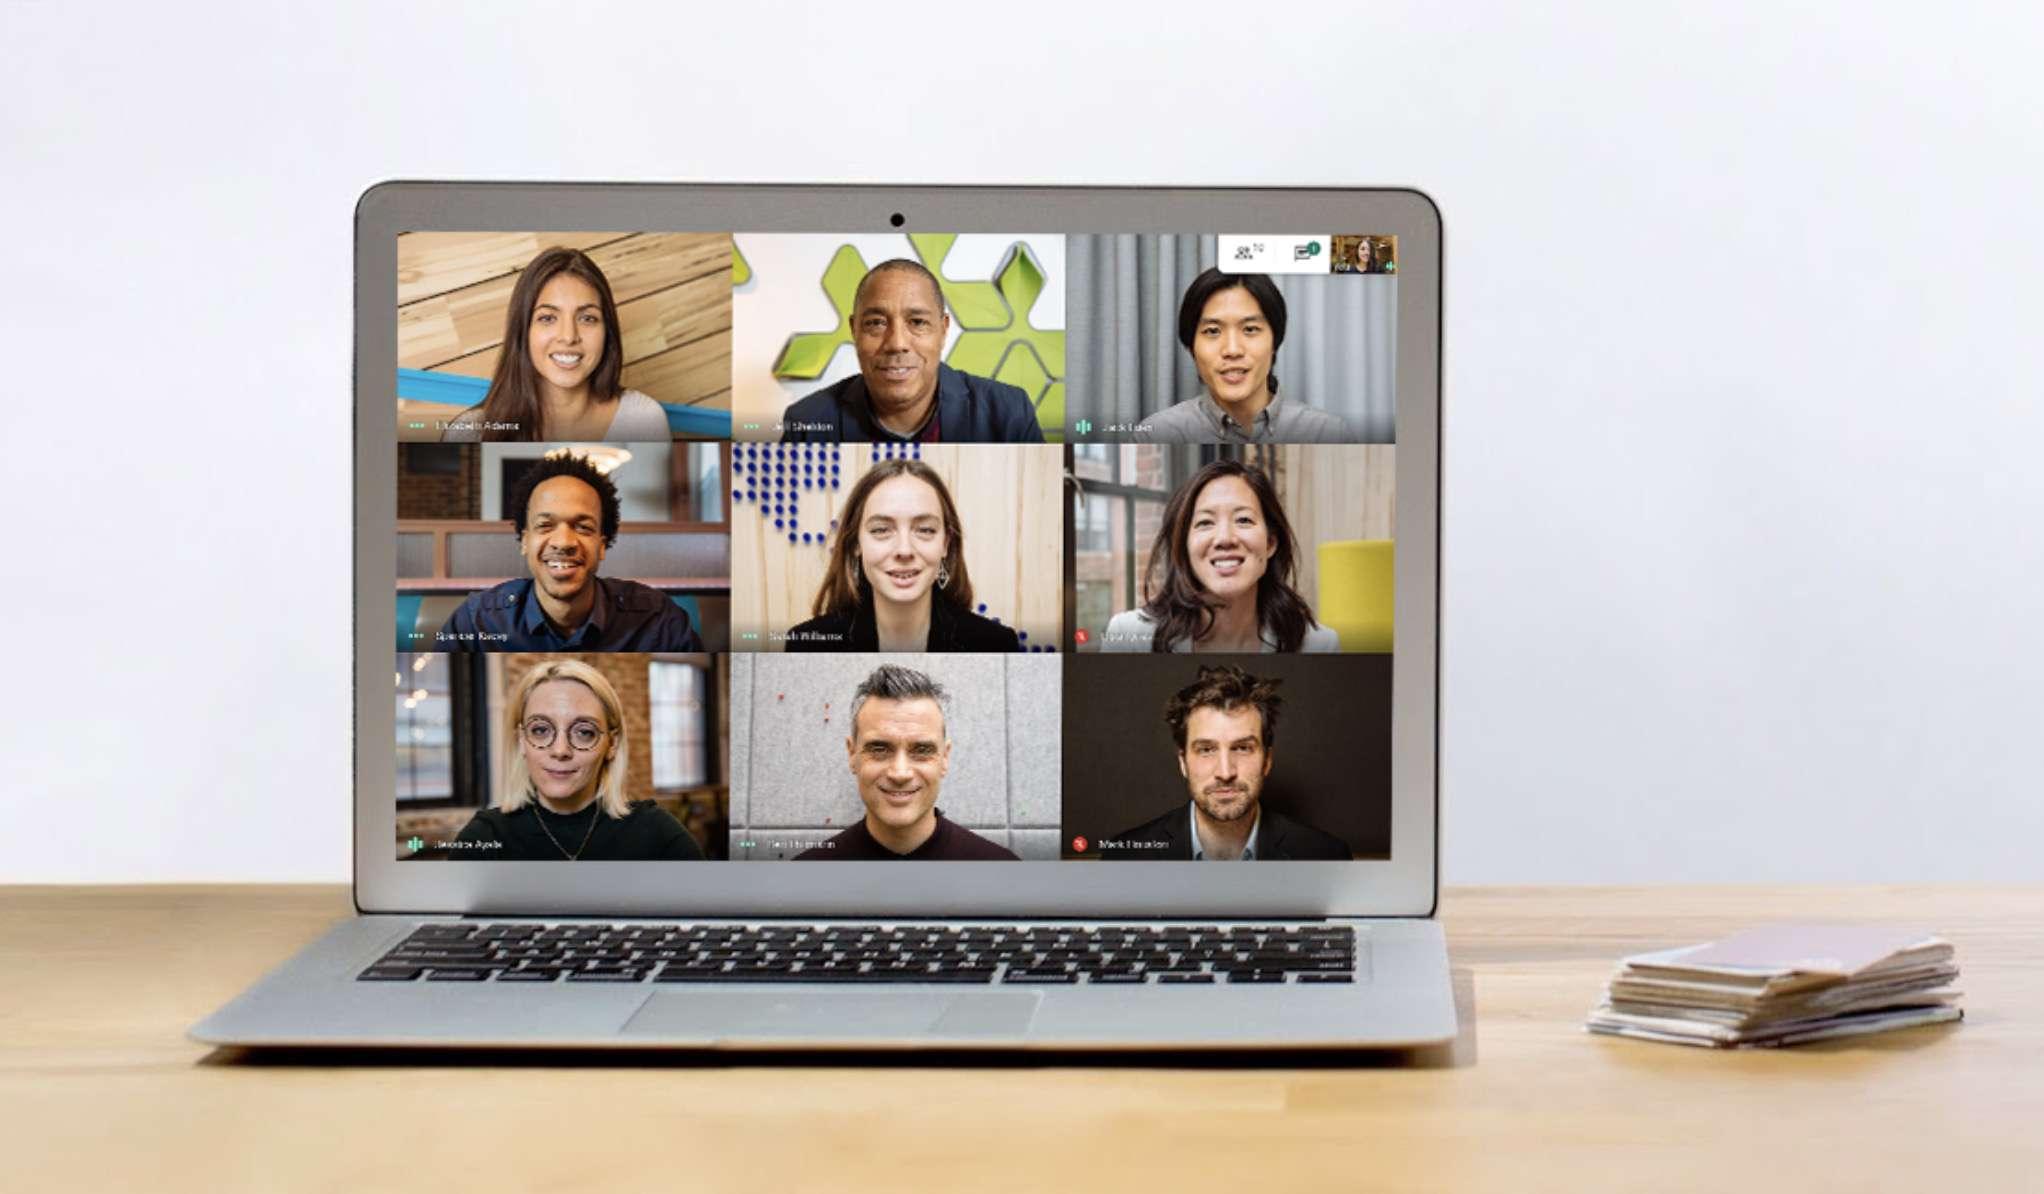 Google Meet: ビジネスで使えるビデオ会議ツール | G Suite https://gsuite.google.co.jp/intl/ja/products/meet/